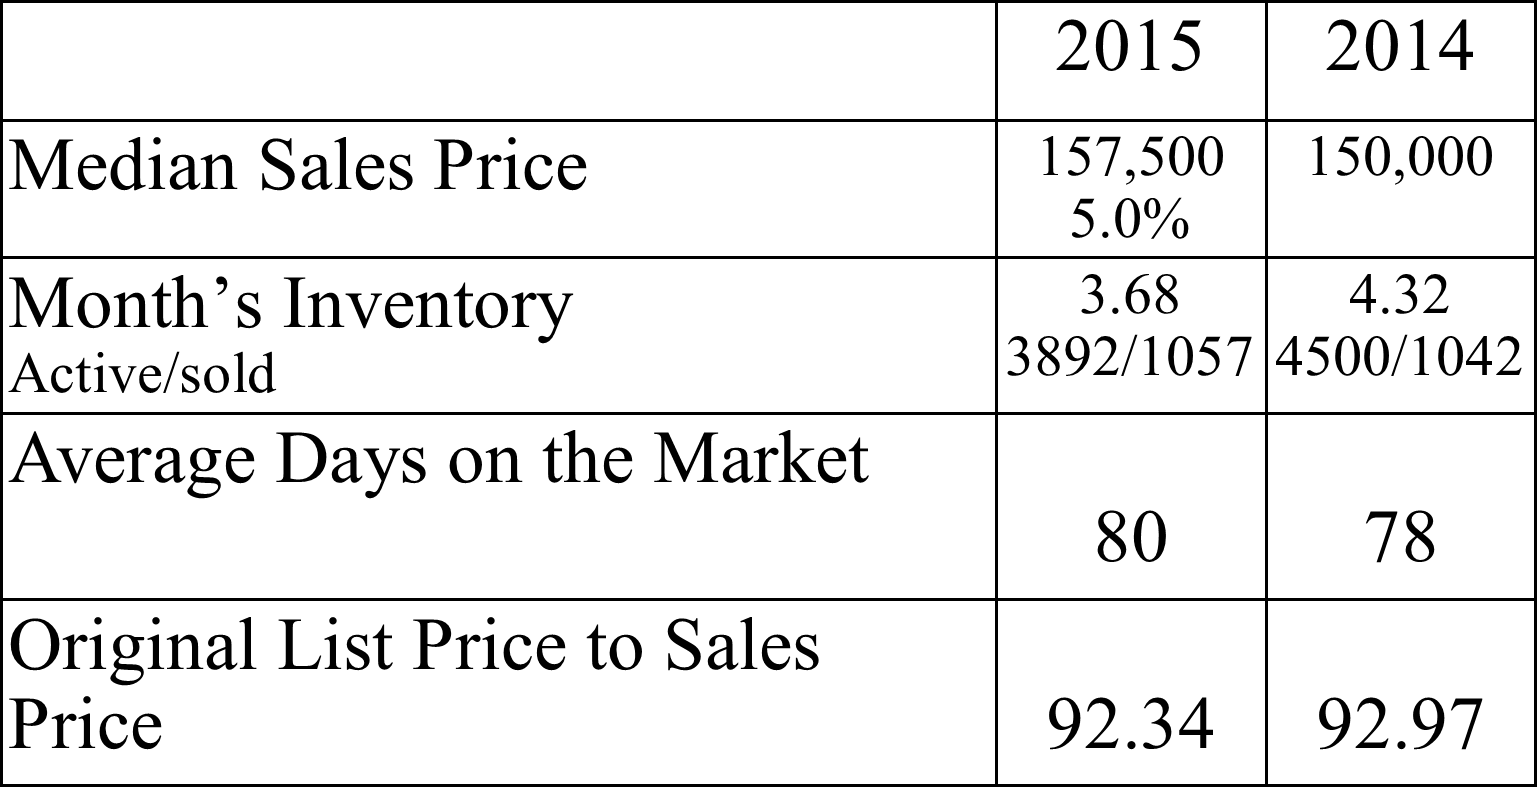 jax dec 2015